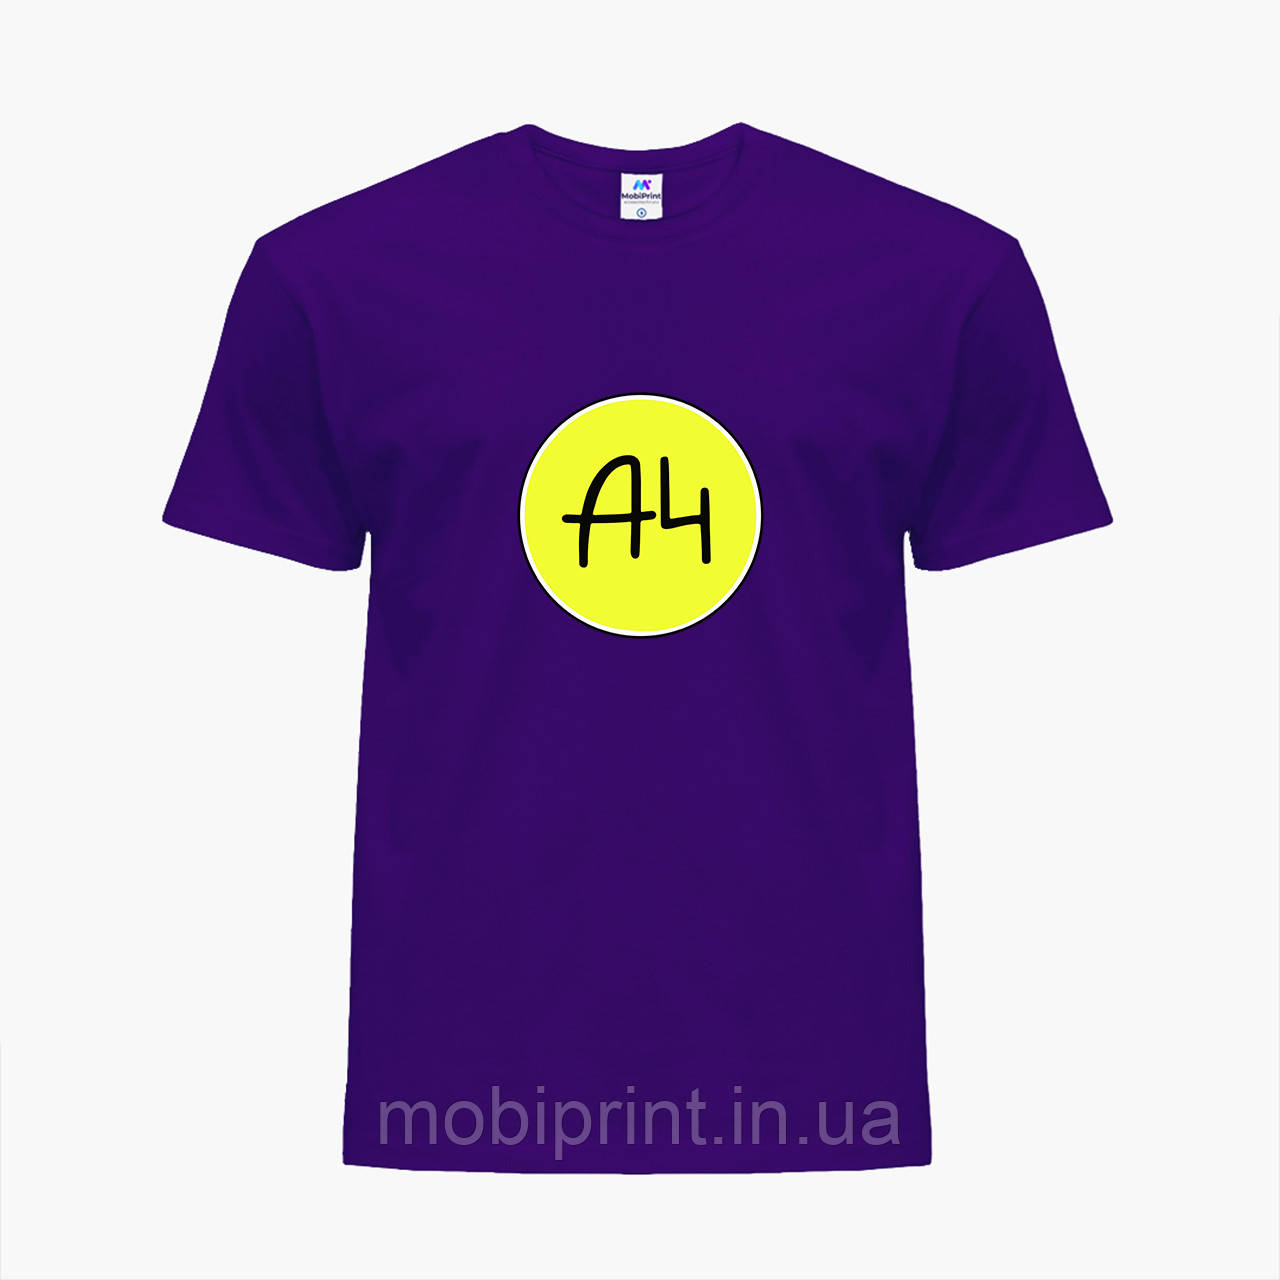 Детская футболка для мальчиков блогер Влад Бумага А4 (blogger Vlad A4) (25186-2620) Фиолетовый